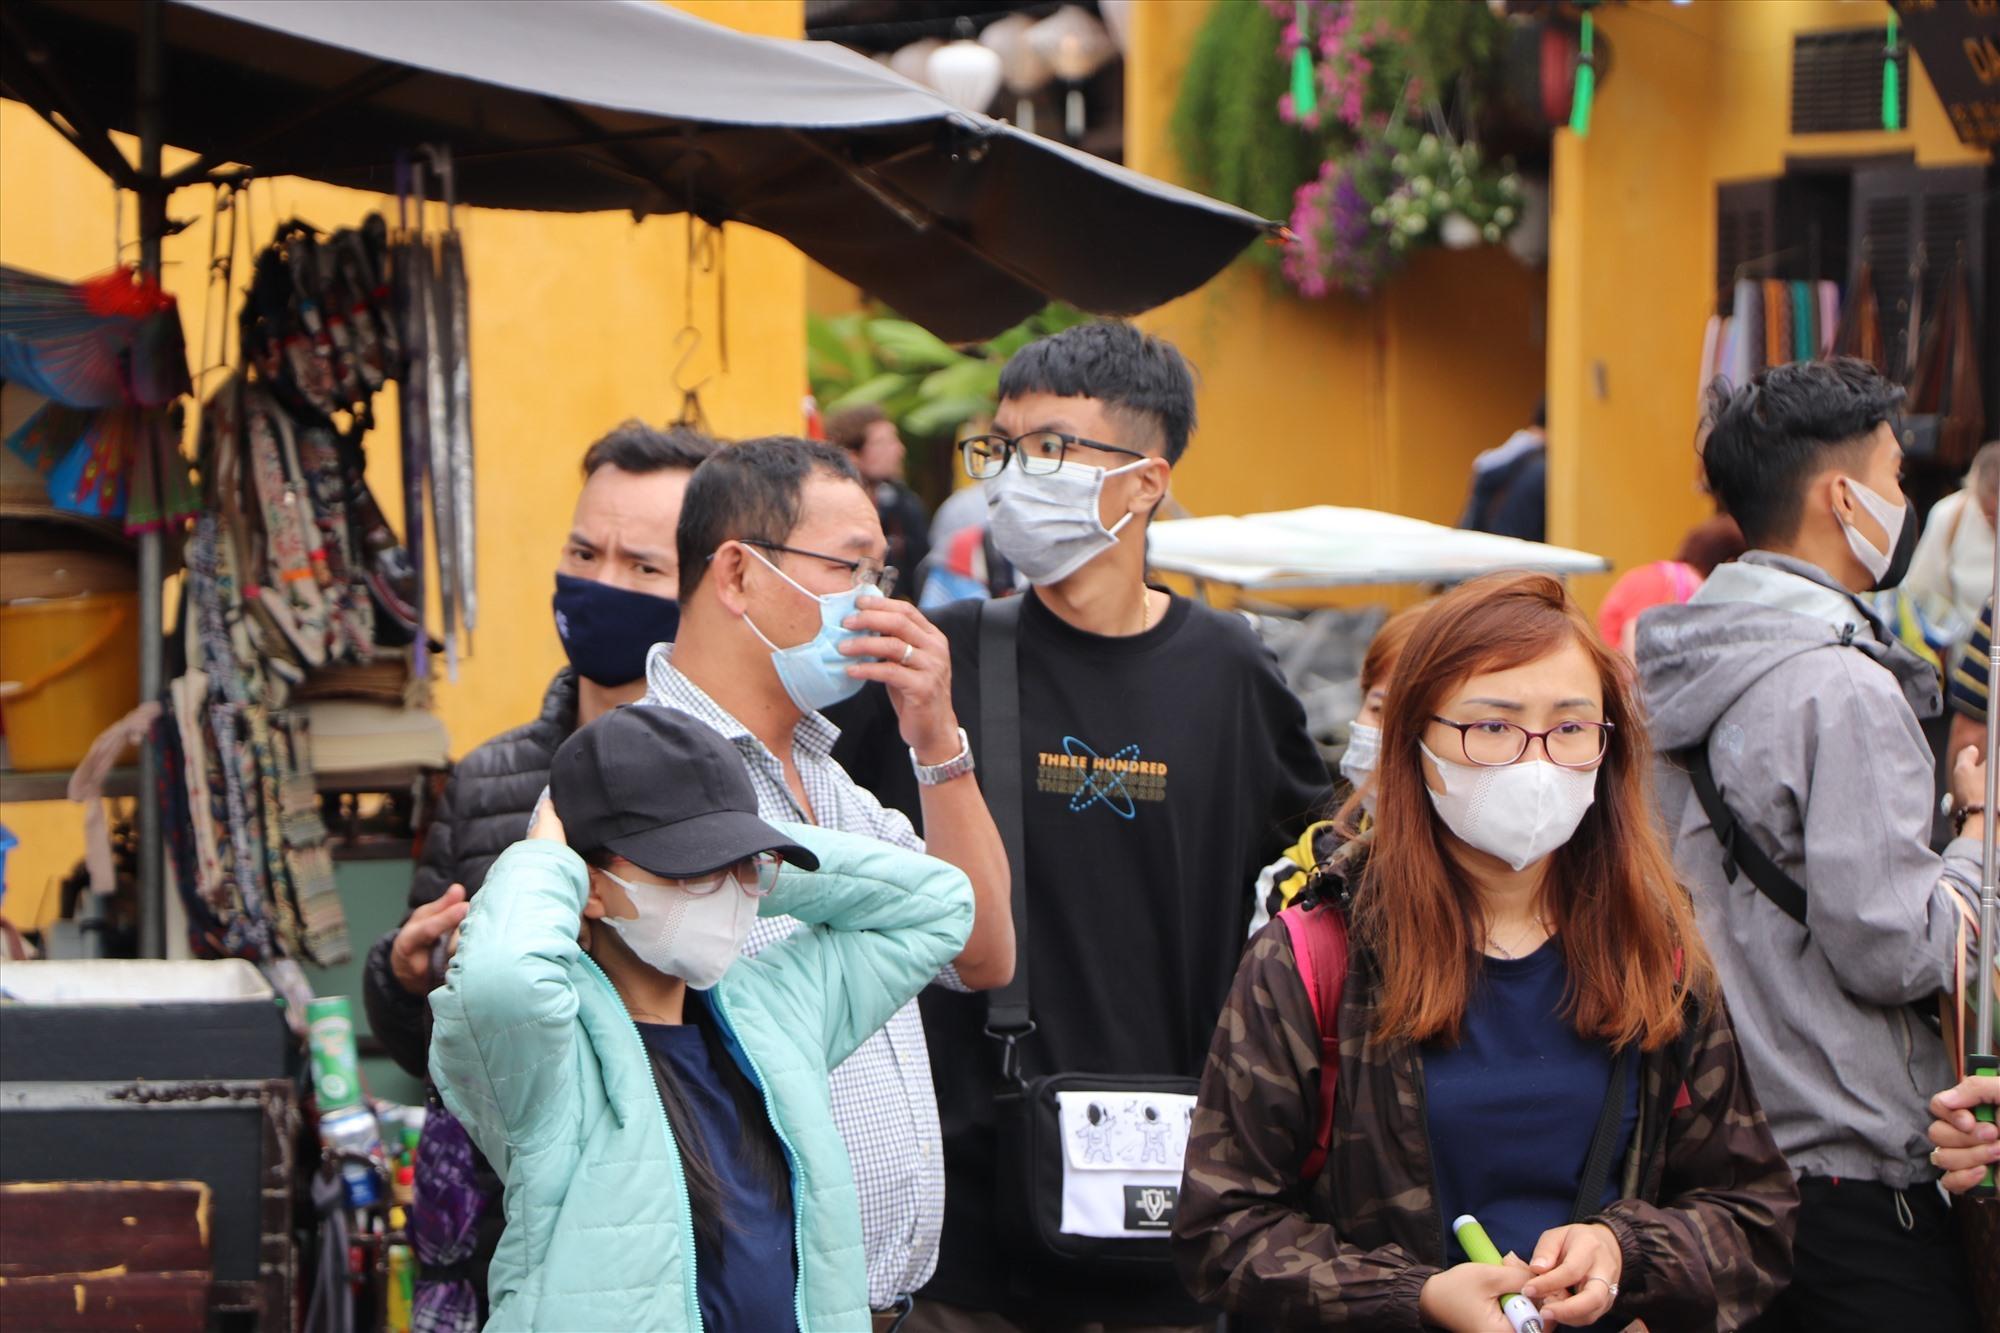 Du khách mang khẩu trang khi tham quan phố cổ Hội An. Ảnh: L.Q